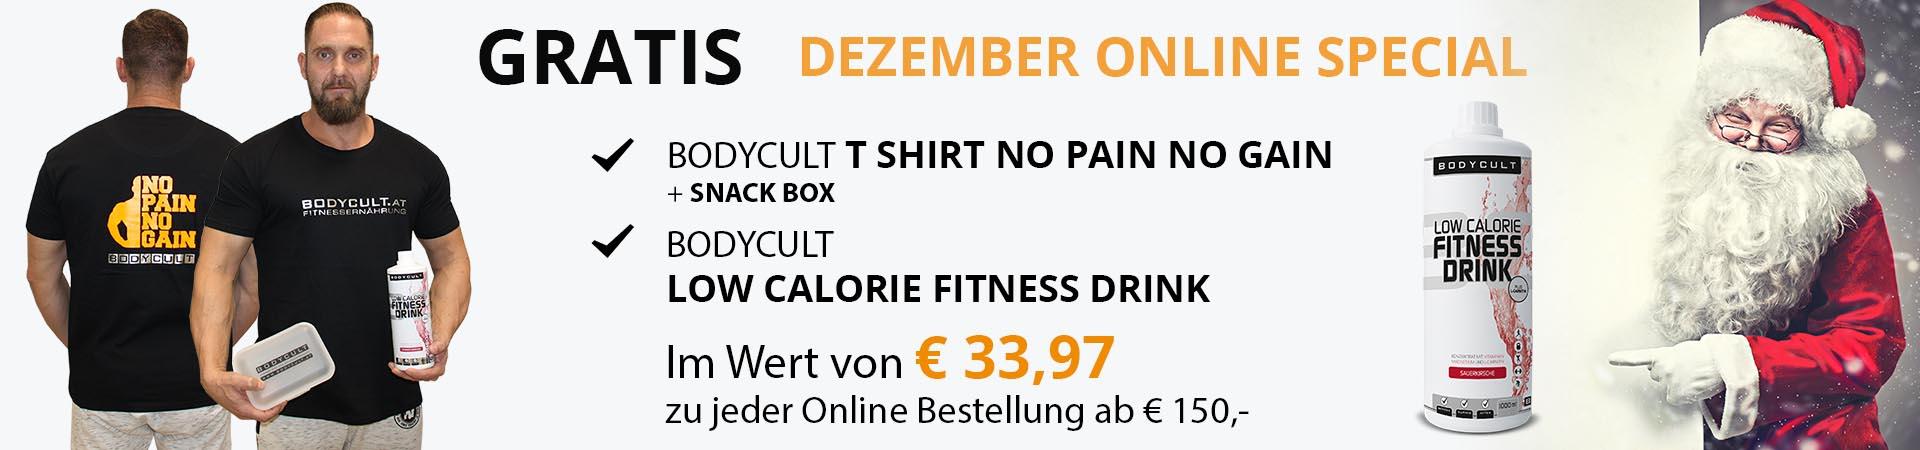 Dezember Online Special ...